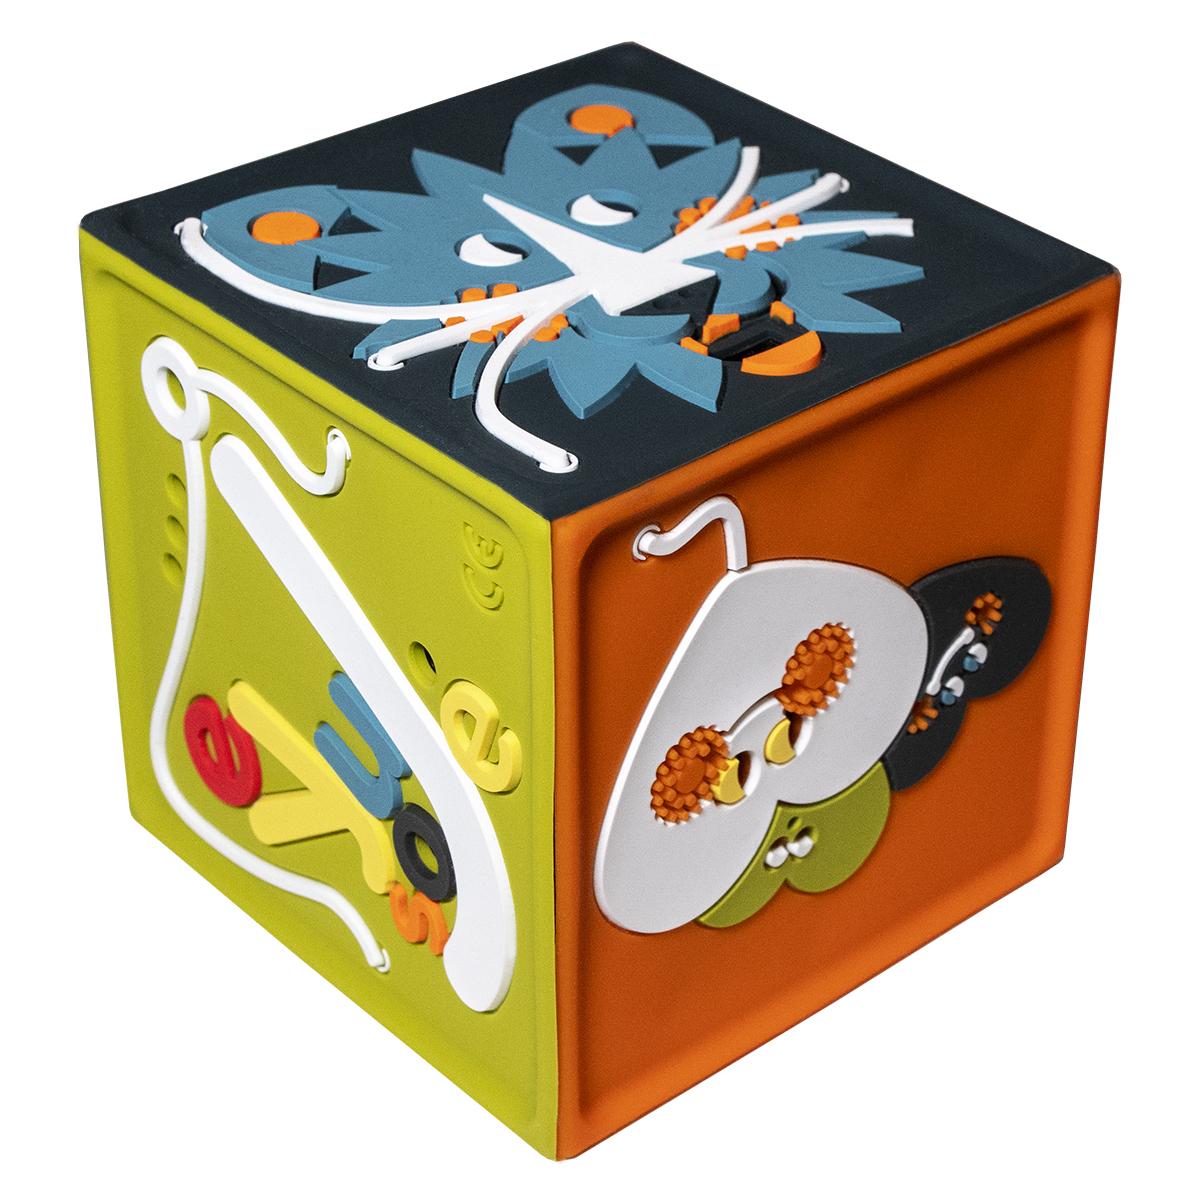 Mes premiers jouets Boite à Histoires La Conteuse Merveilleuse Boite à Histoires La Conteuse Merveilleuse